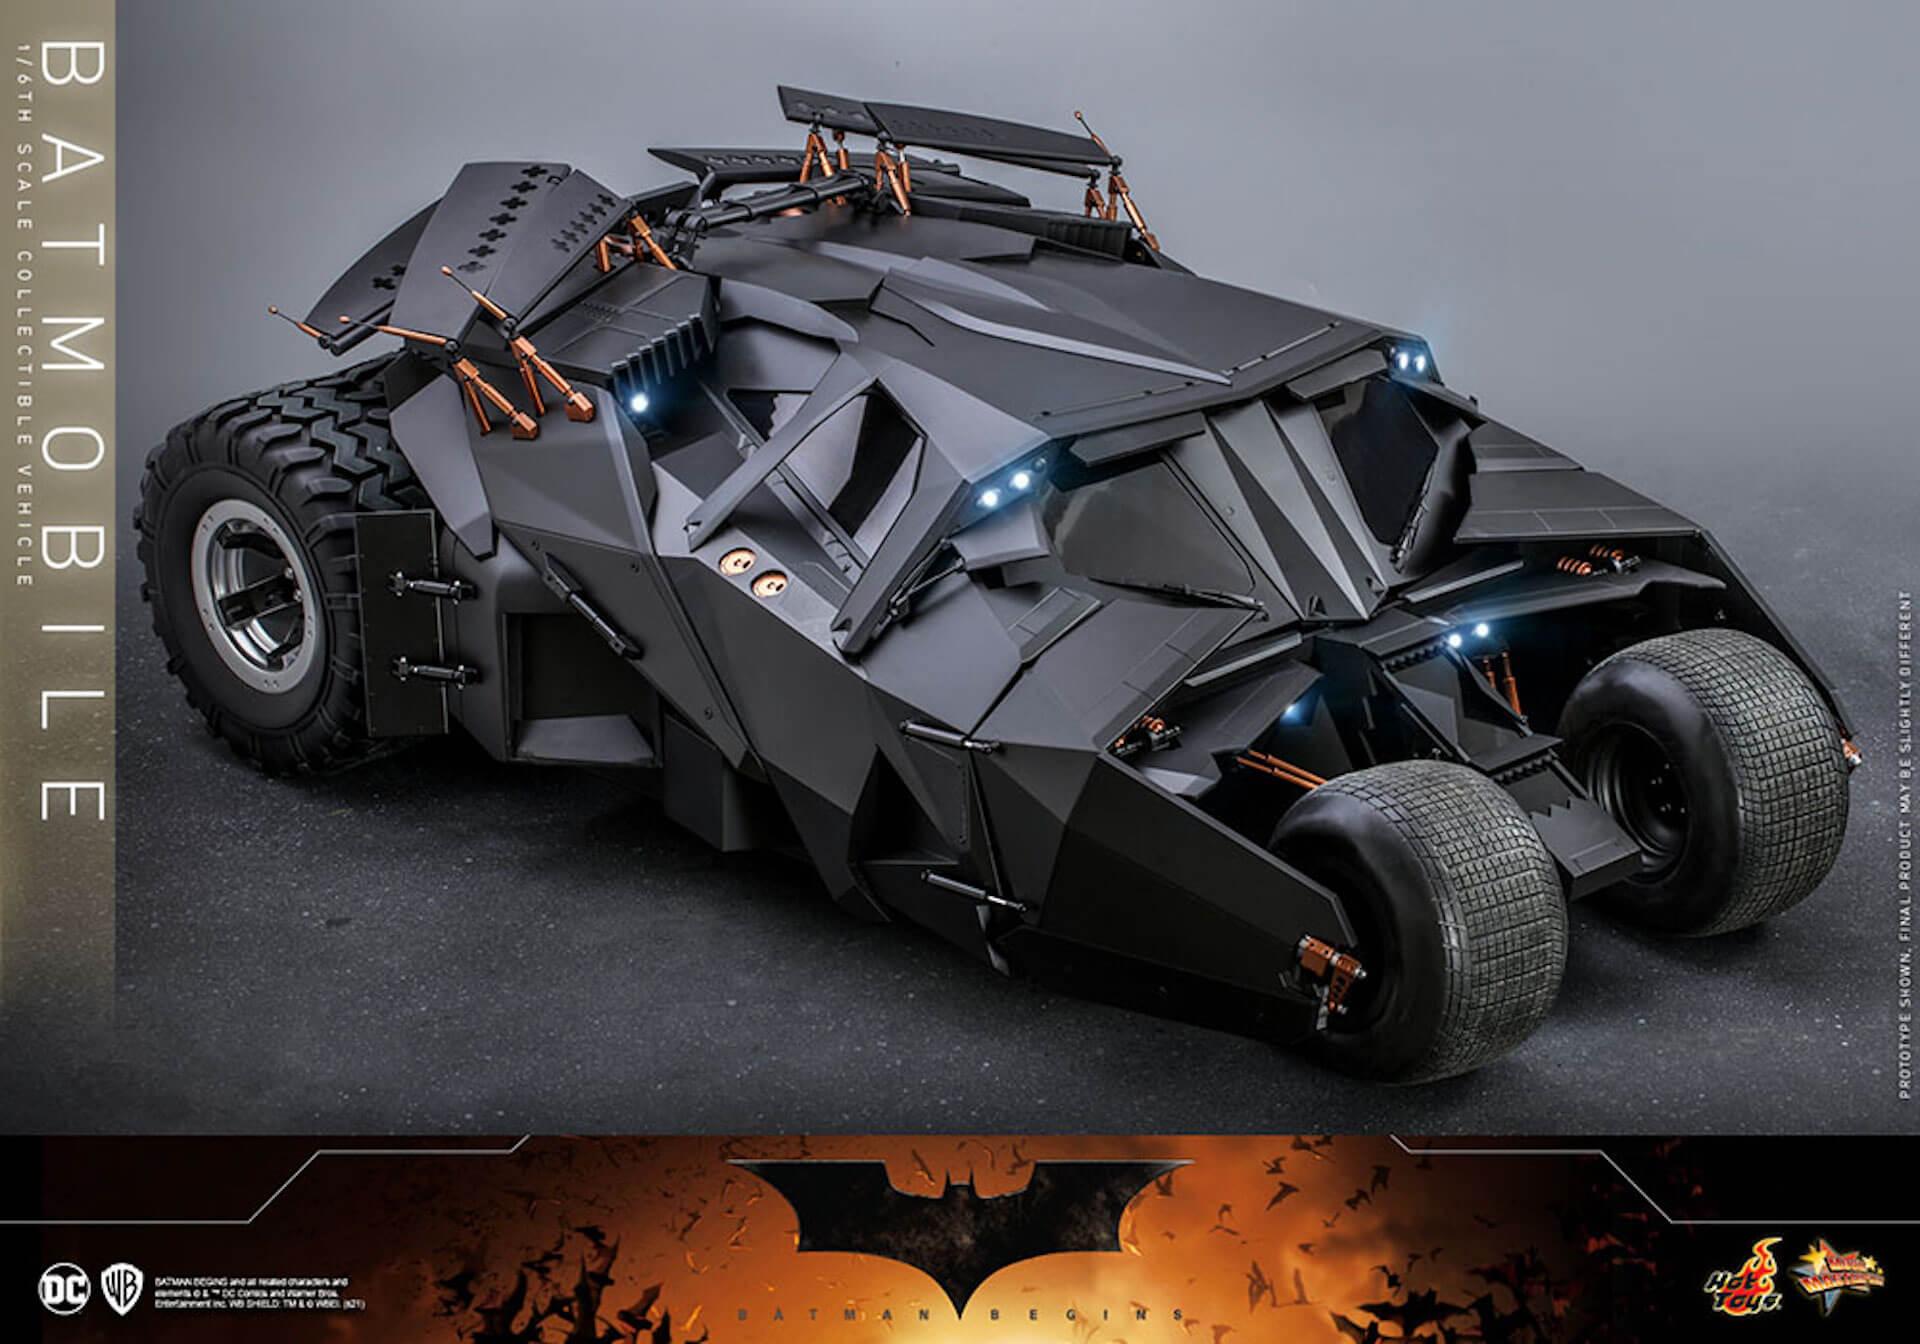 『バットマン ビギンズ』のバットマン&バットモービルが超精巧なフィギュアに!ホットトイズから発売決定 art210401_hottoys_batmanbegins_6